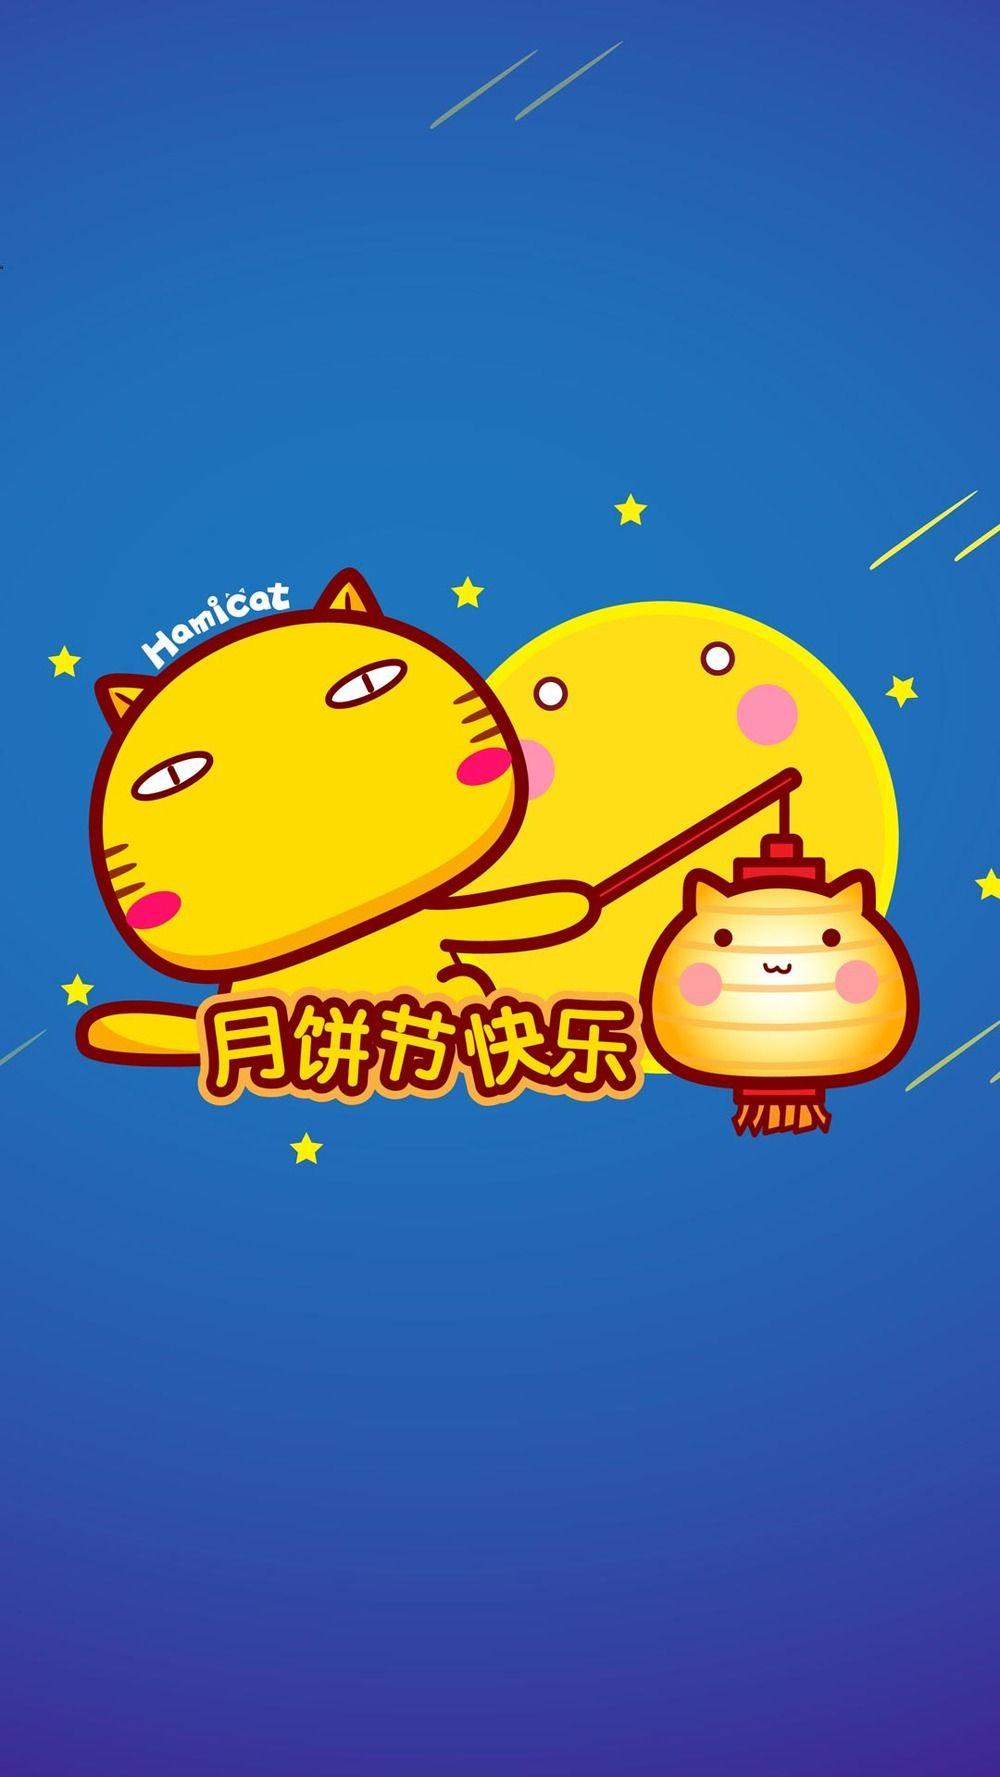 月饼节快乐.jpg